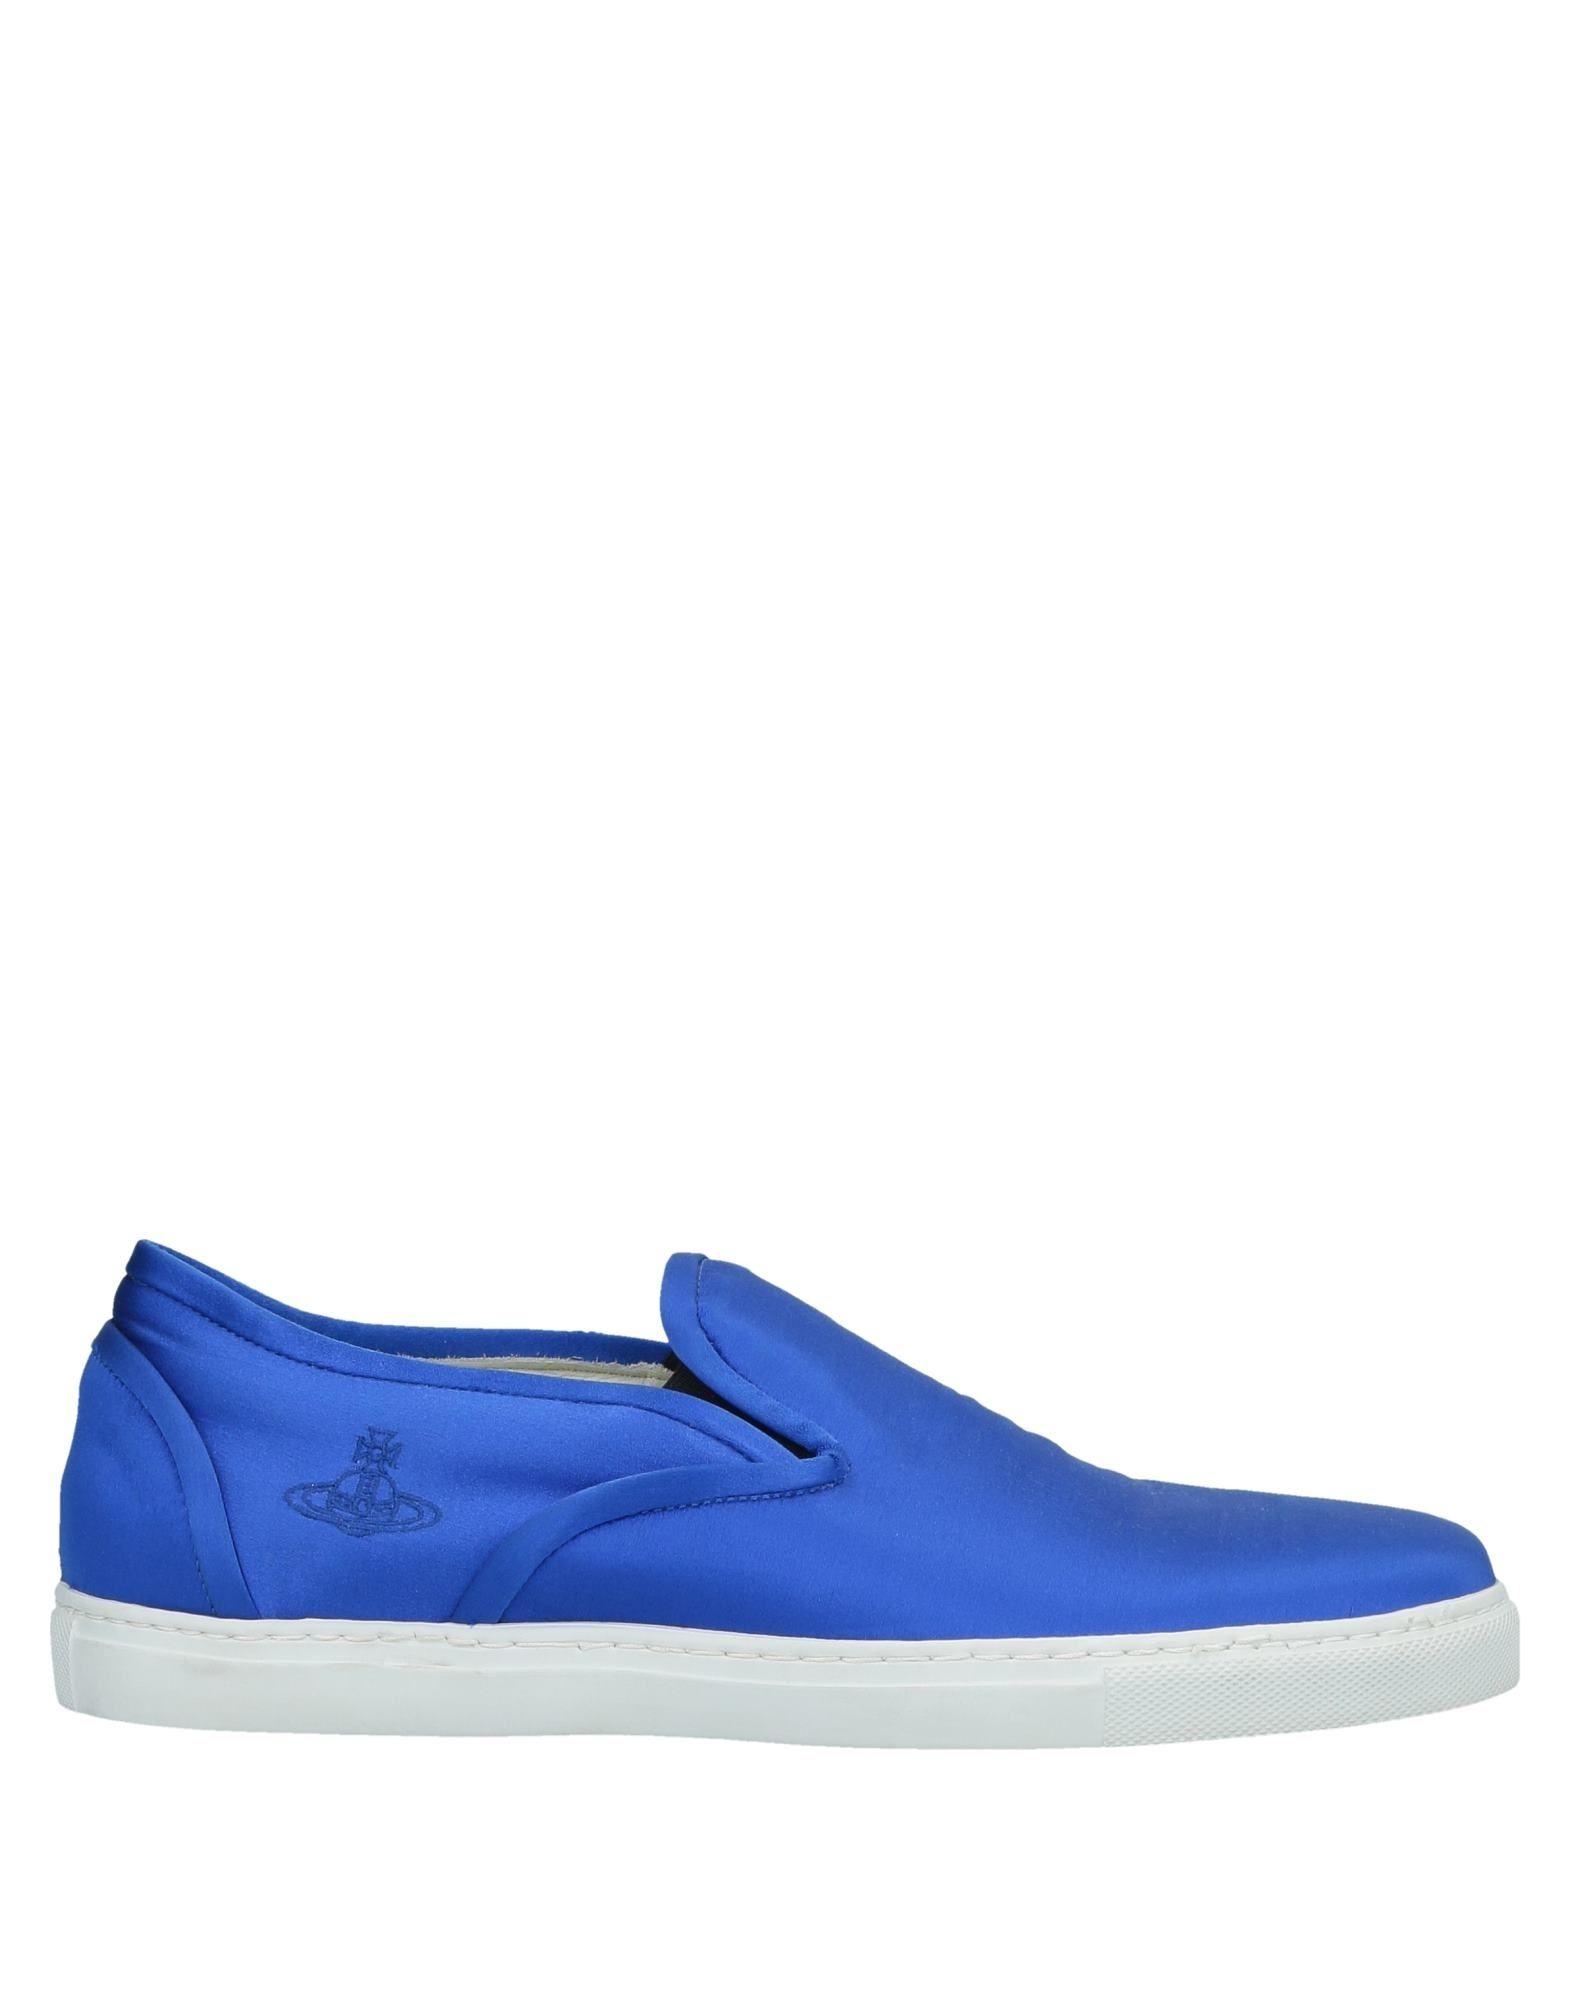 Vivienne Westwood Sneakers Herren  11521542AE